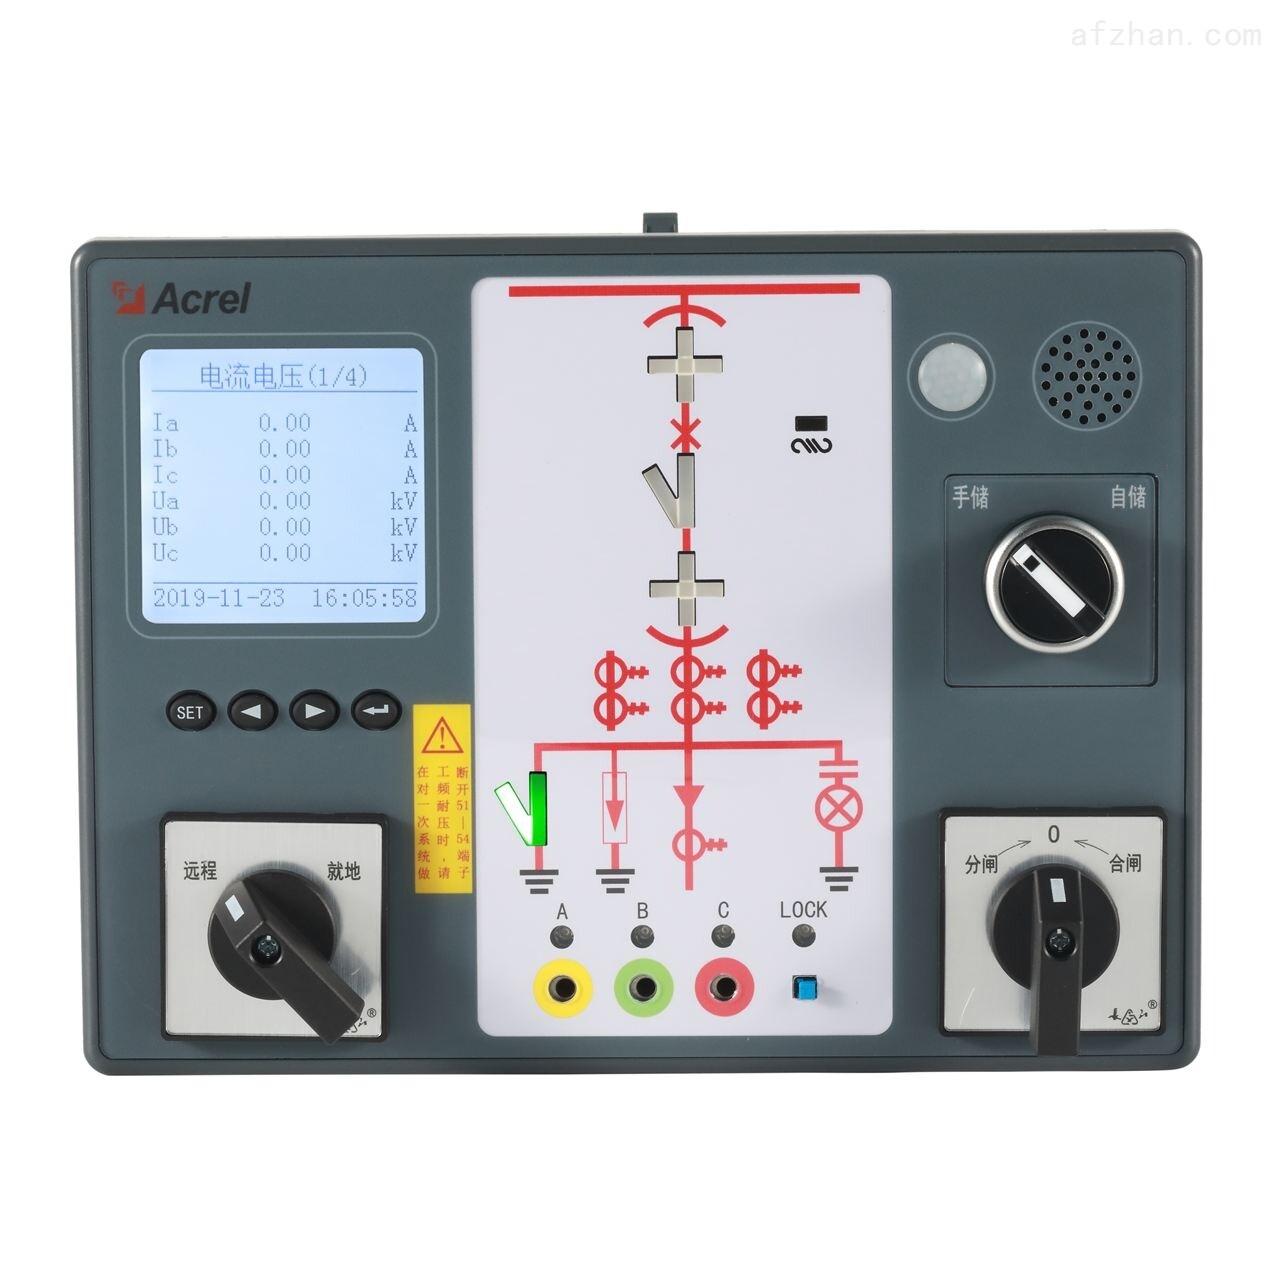 高压带电显示装置 语音提示及闭锁